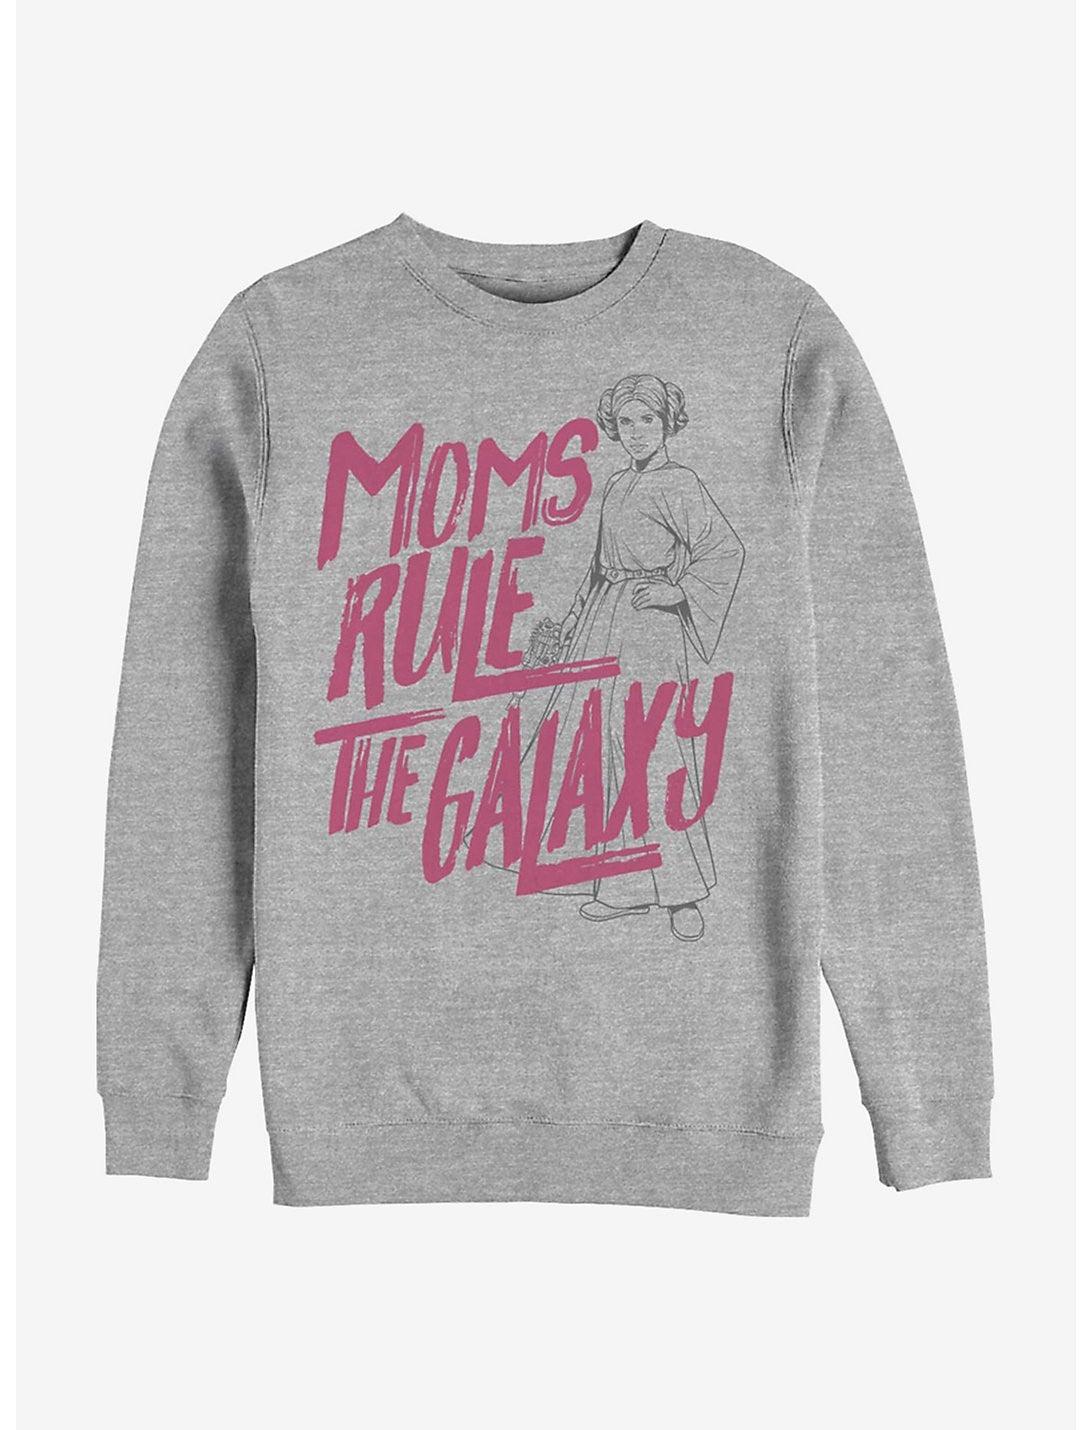 Star-Wars-Moms-Rule-Sweatshirt.jpg